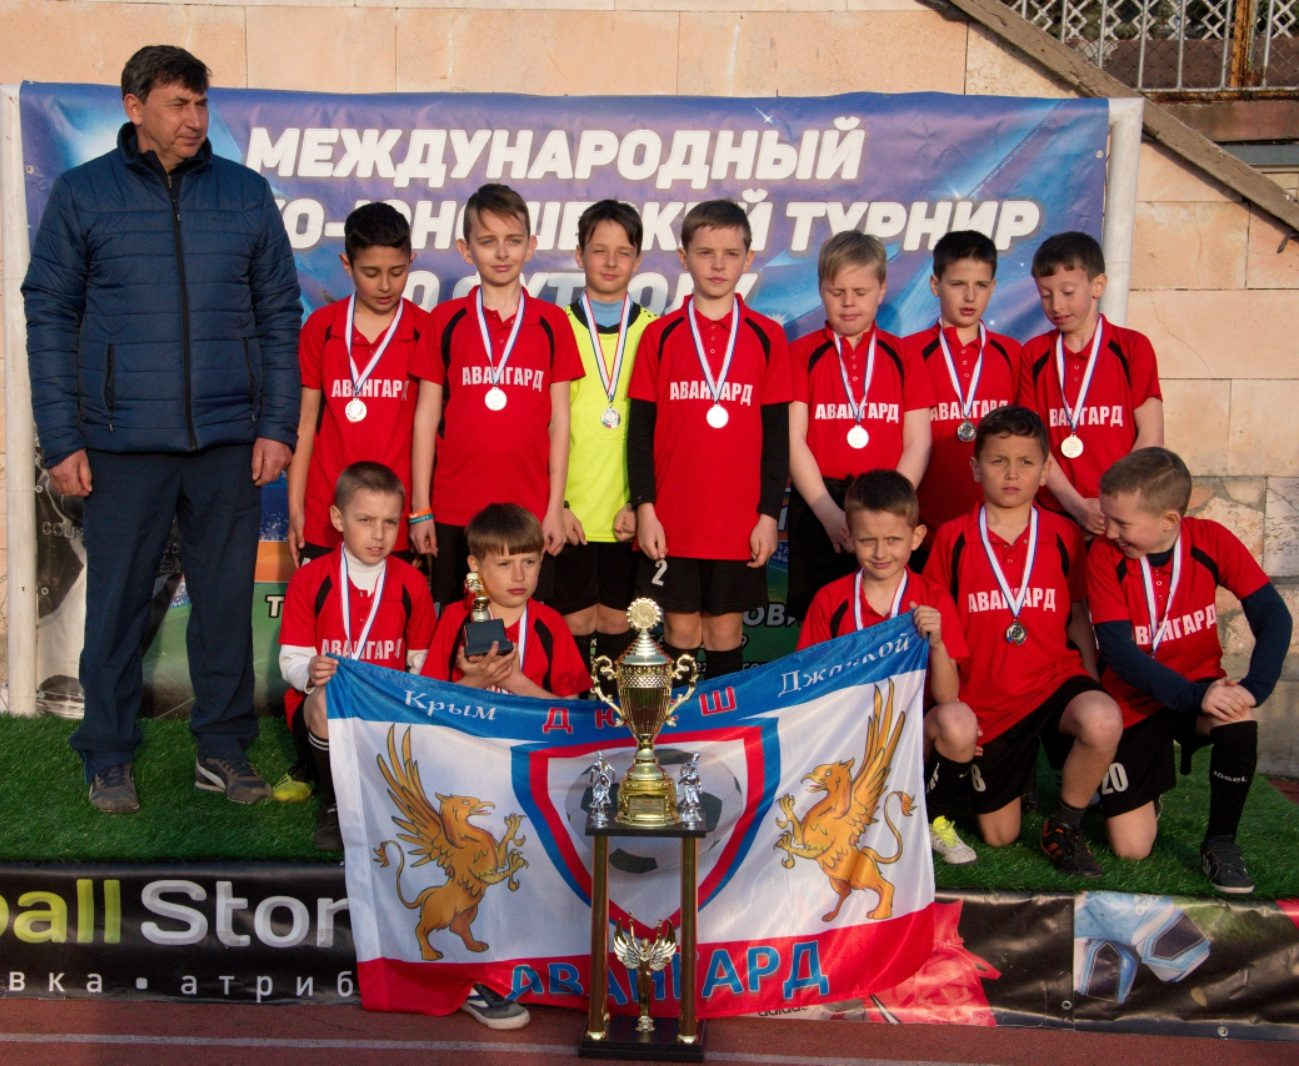 dzhankoj - Джанкойцы взяли серебро Международного турнира